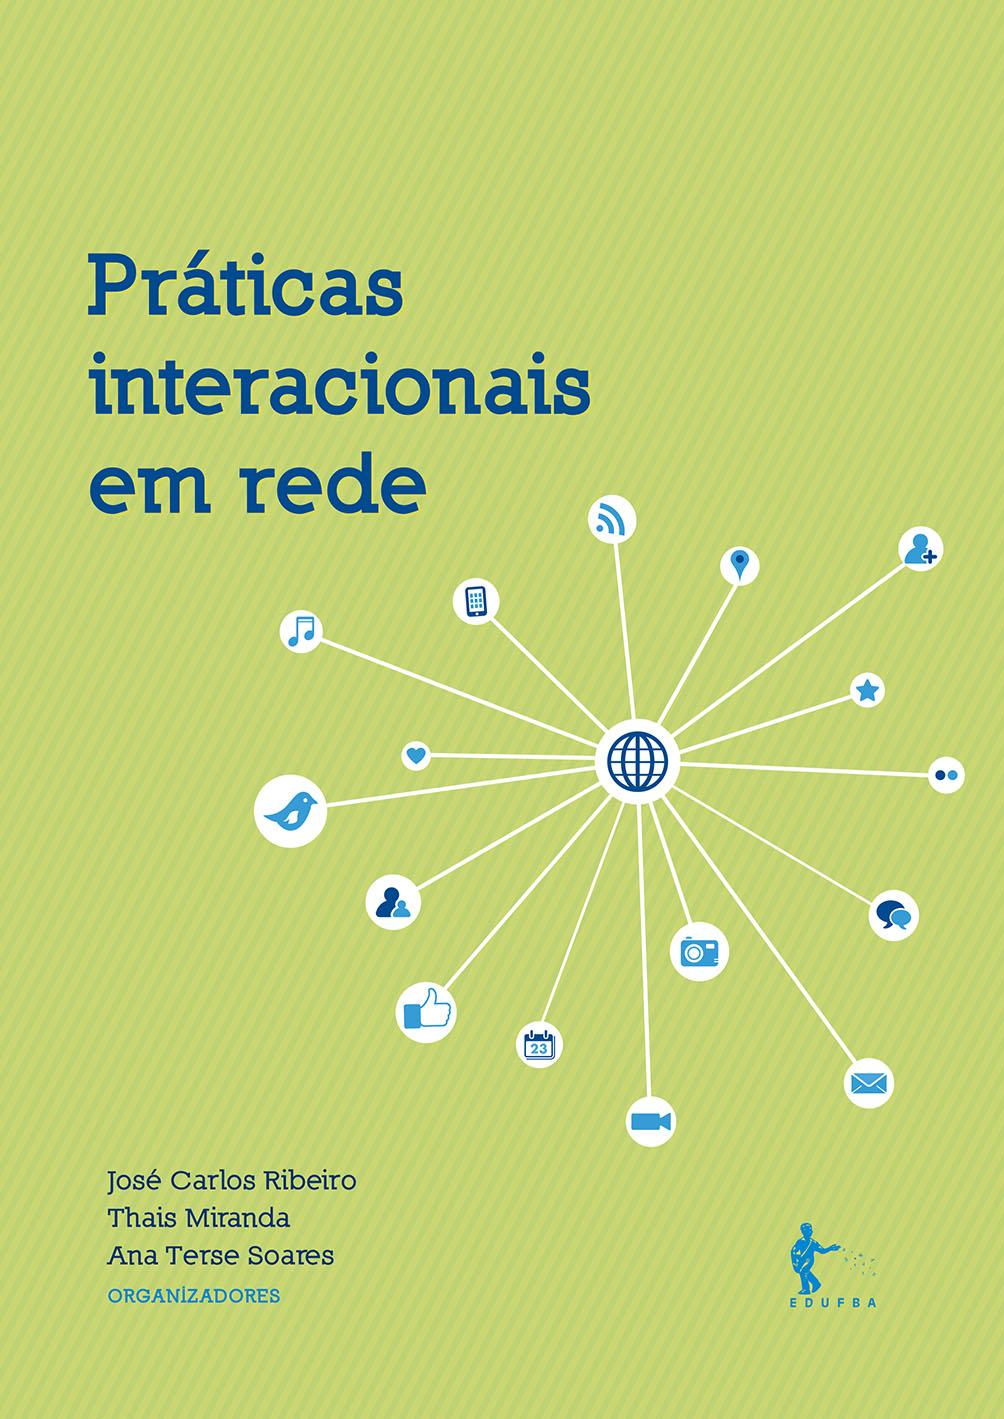 Práticas interacionais em rede, livro de José Carlos Ribeiro, Thais Miranda, Ana Terse Soares (orgs.)